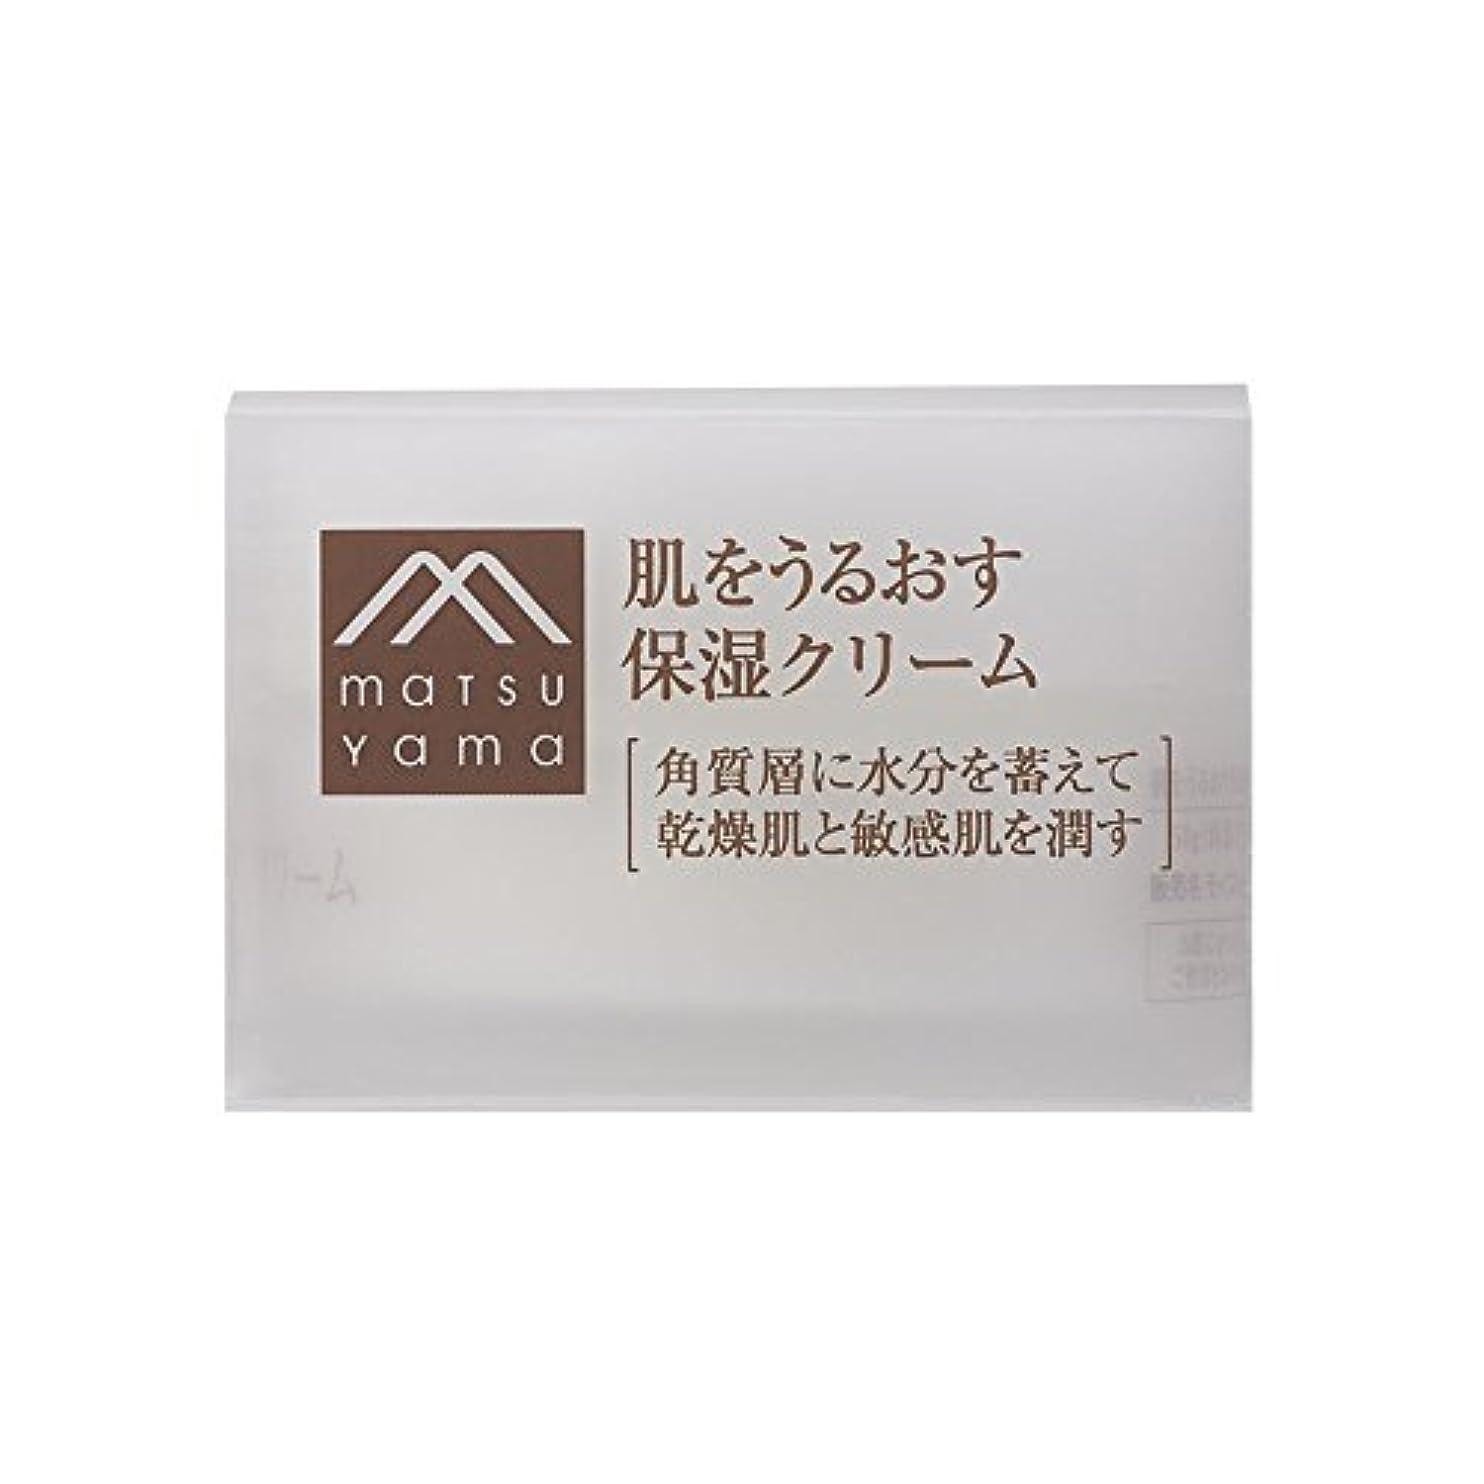 褒賞カフェマーチャンダイジング肌をうるおす保湿クリーム(クリーム) 濃厚クリーム [乾燥肌 敏感肌]